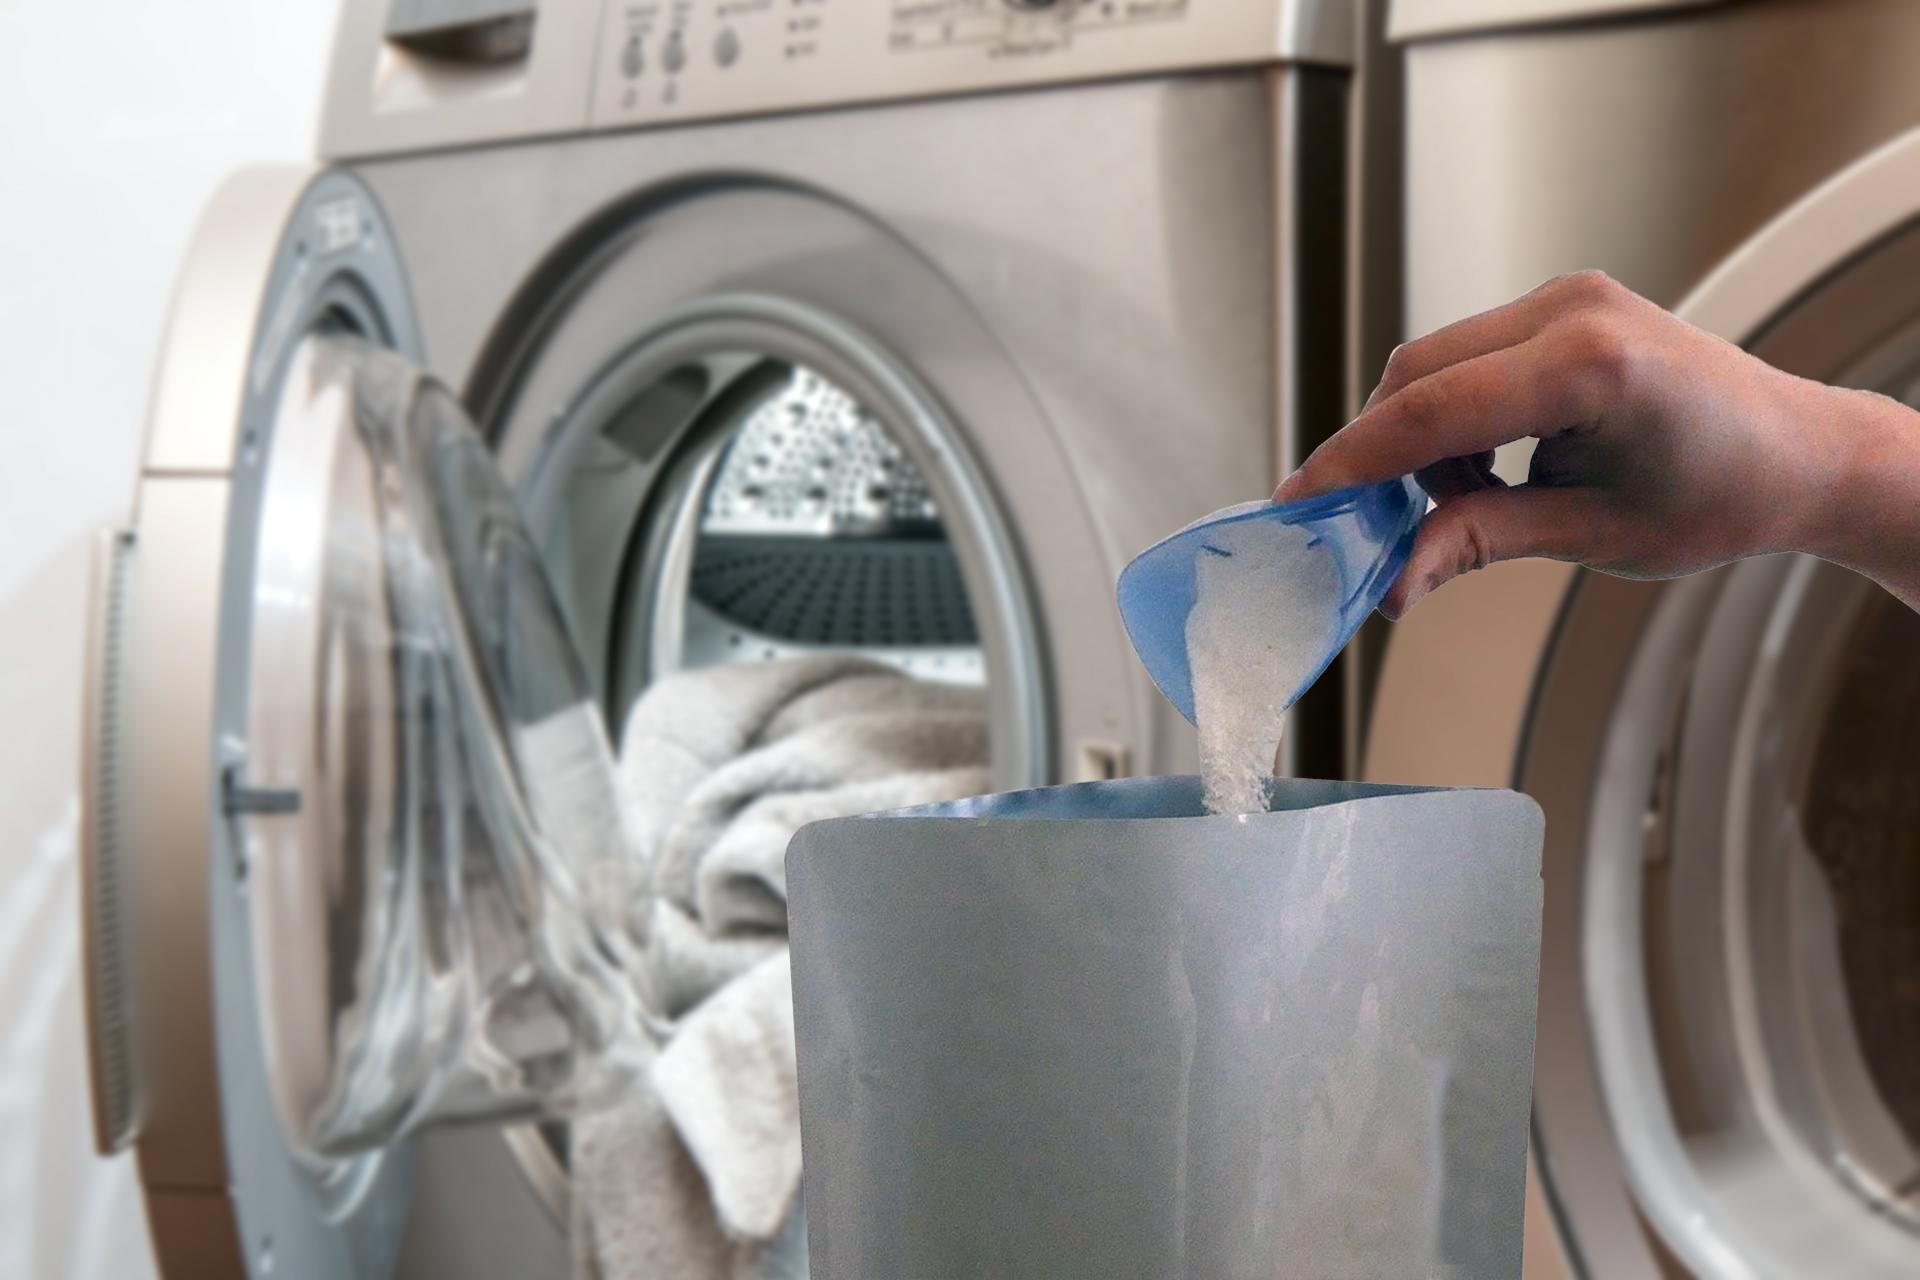 Waschmittelverpackung mit Waschmaschine im Hintergrund